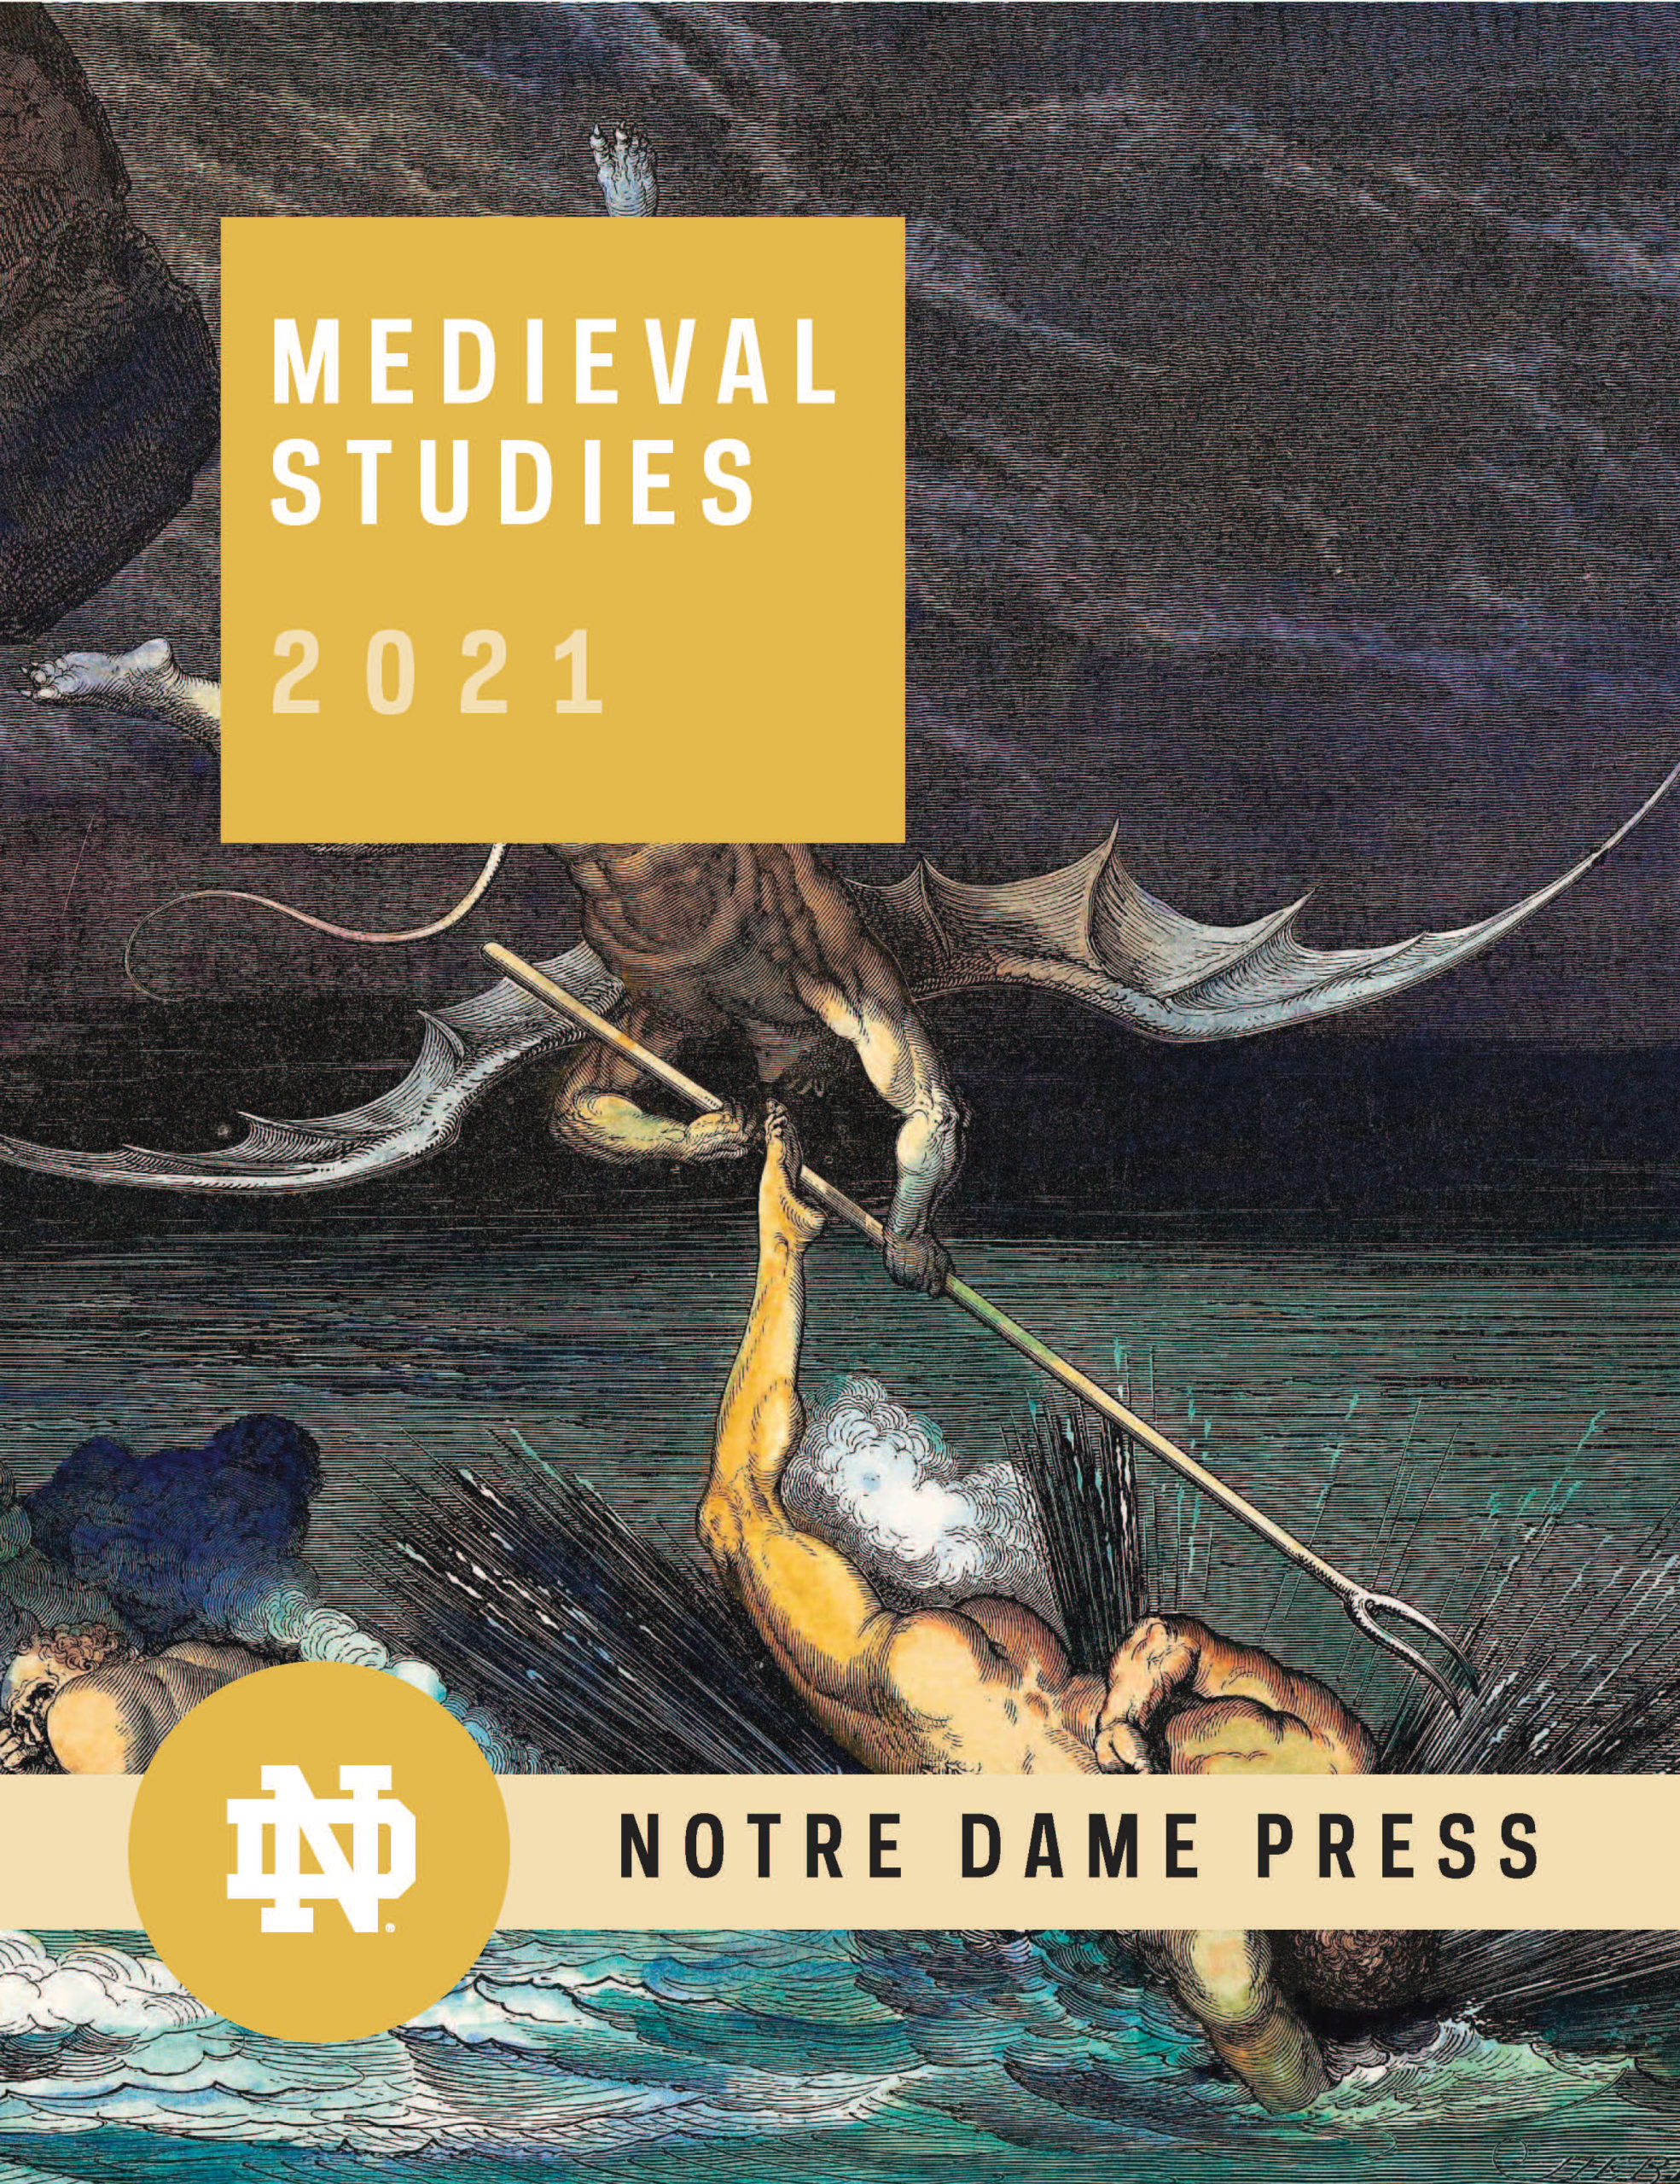 Medieval Studies 2021